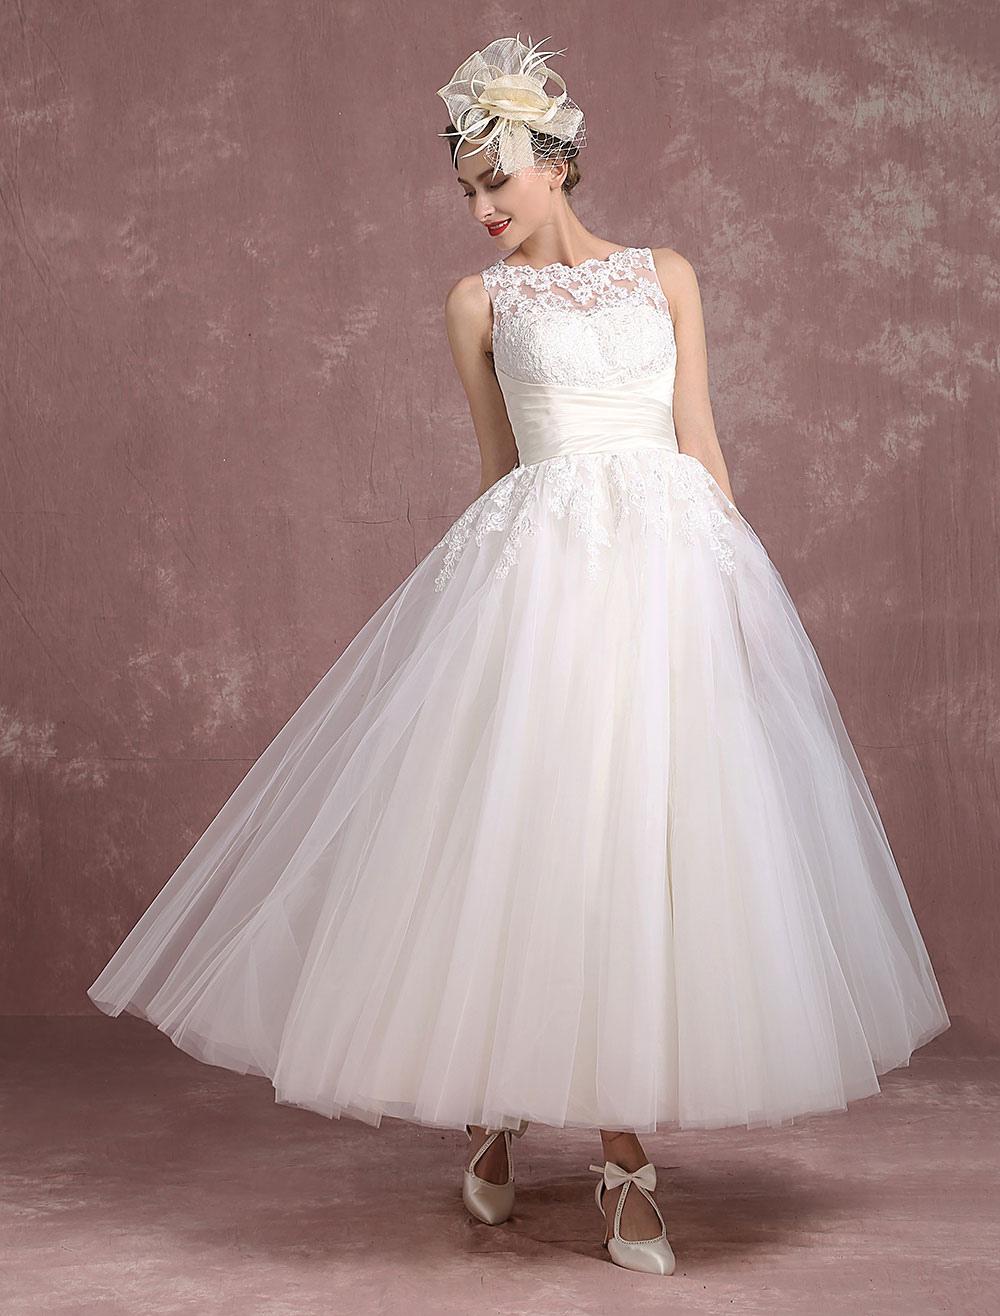 Vintage Brautkleid knöchellang Prinzessin in Elfenbeinfarbe ...